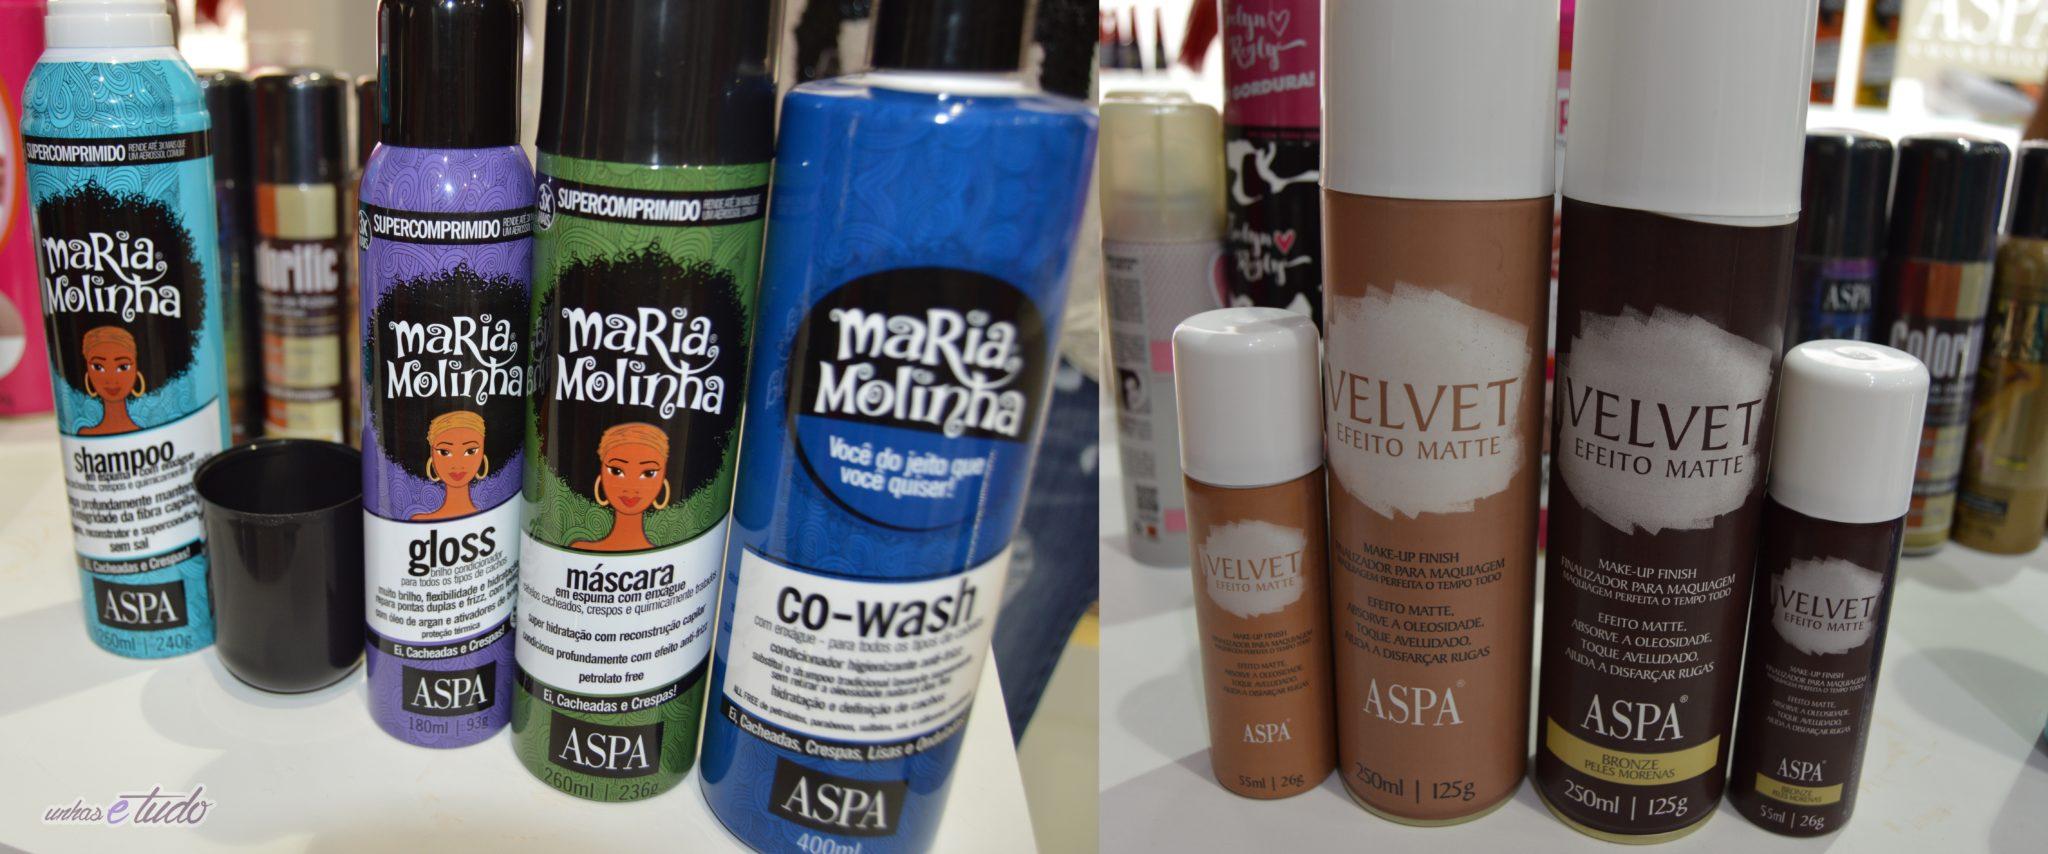 hair brasil aspa